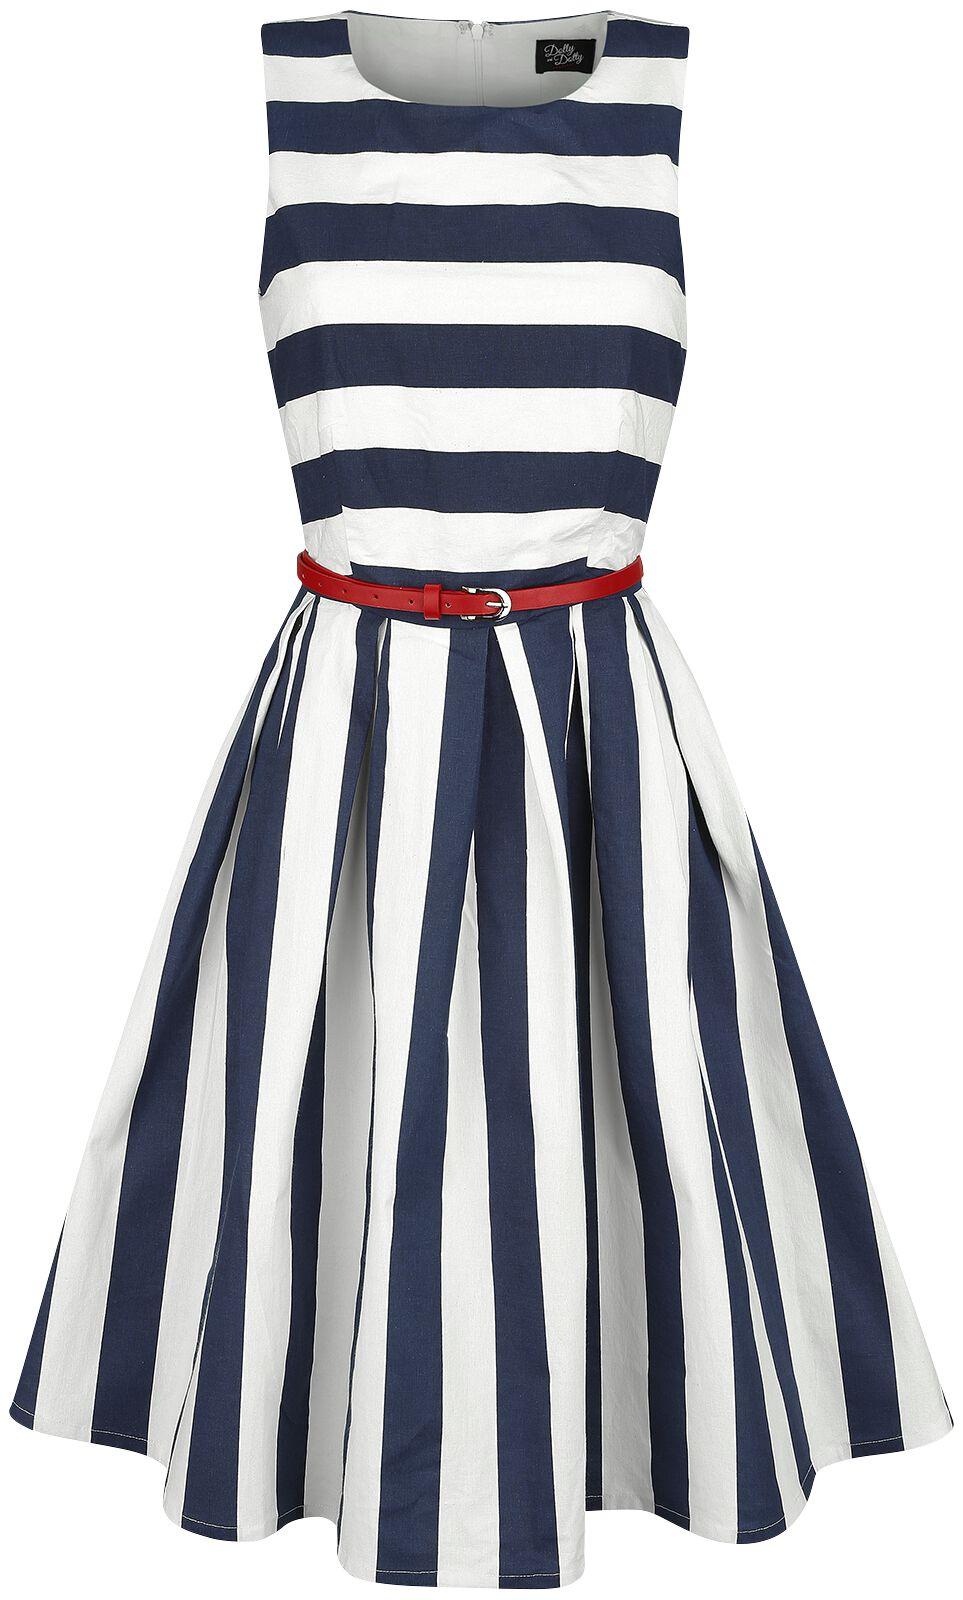 Marki - Sukienki - Sukienka Dolly and Dotty Dark Blue Stripe Dress Sukienka niebieski/biały - 360763